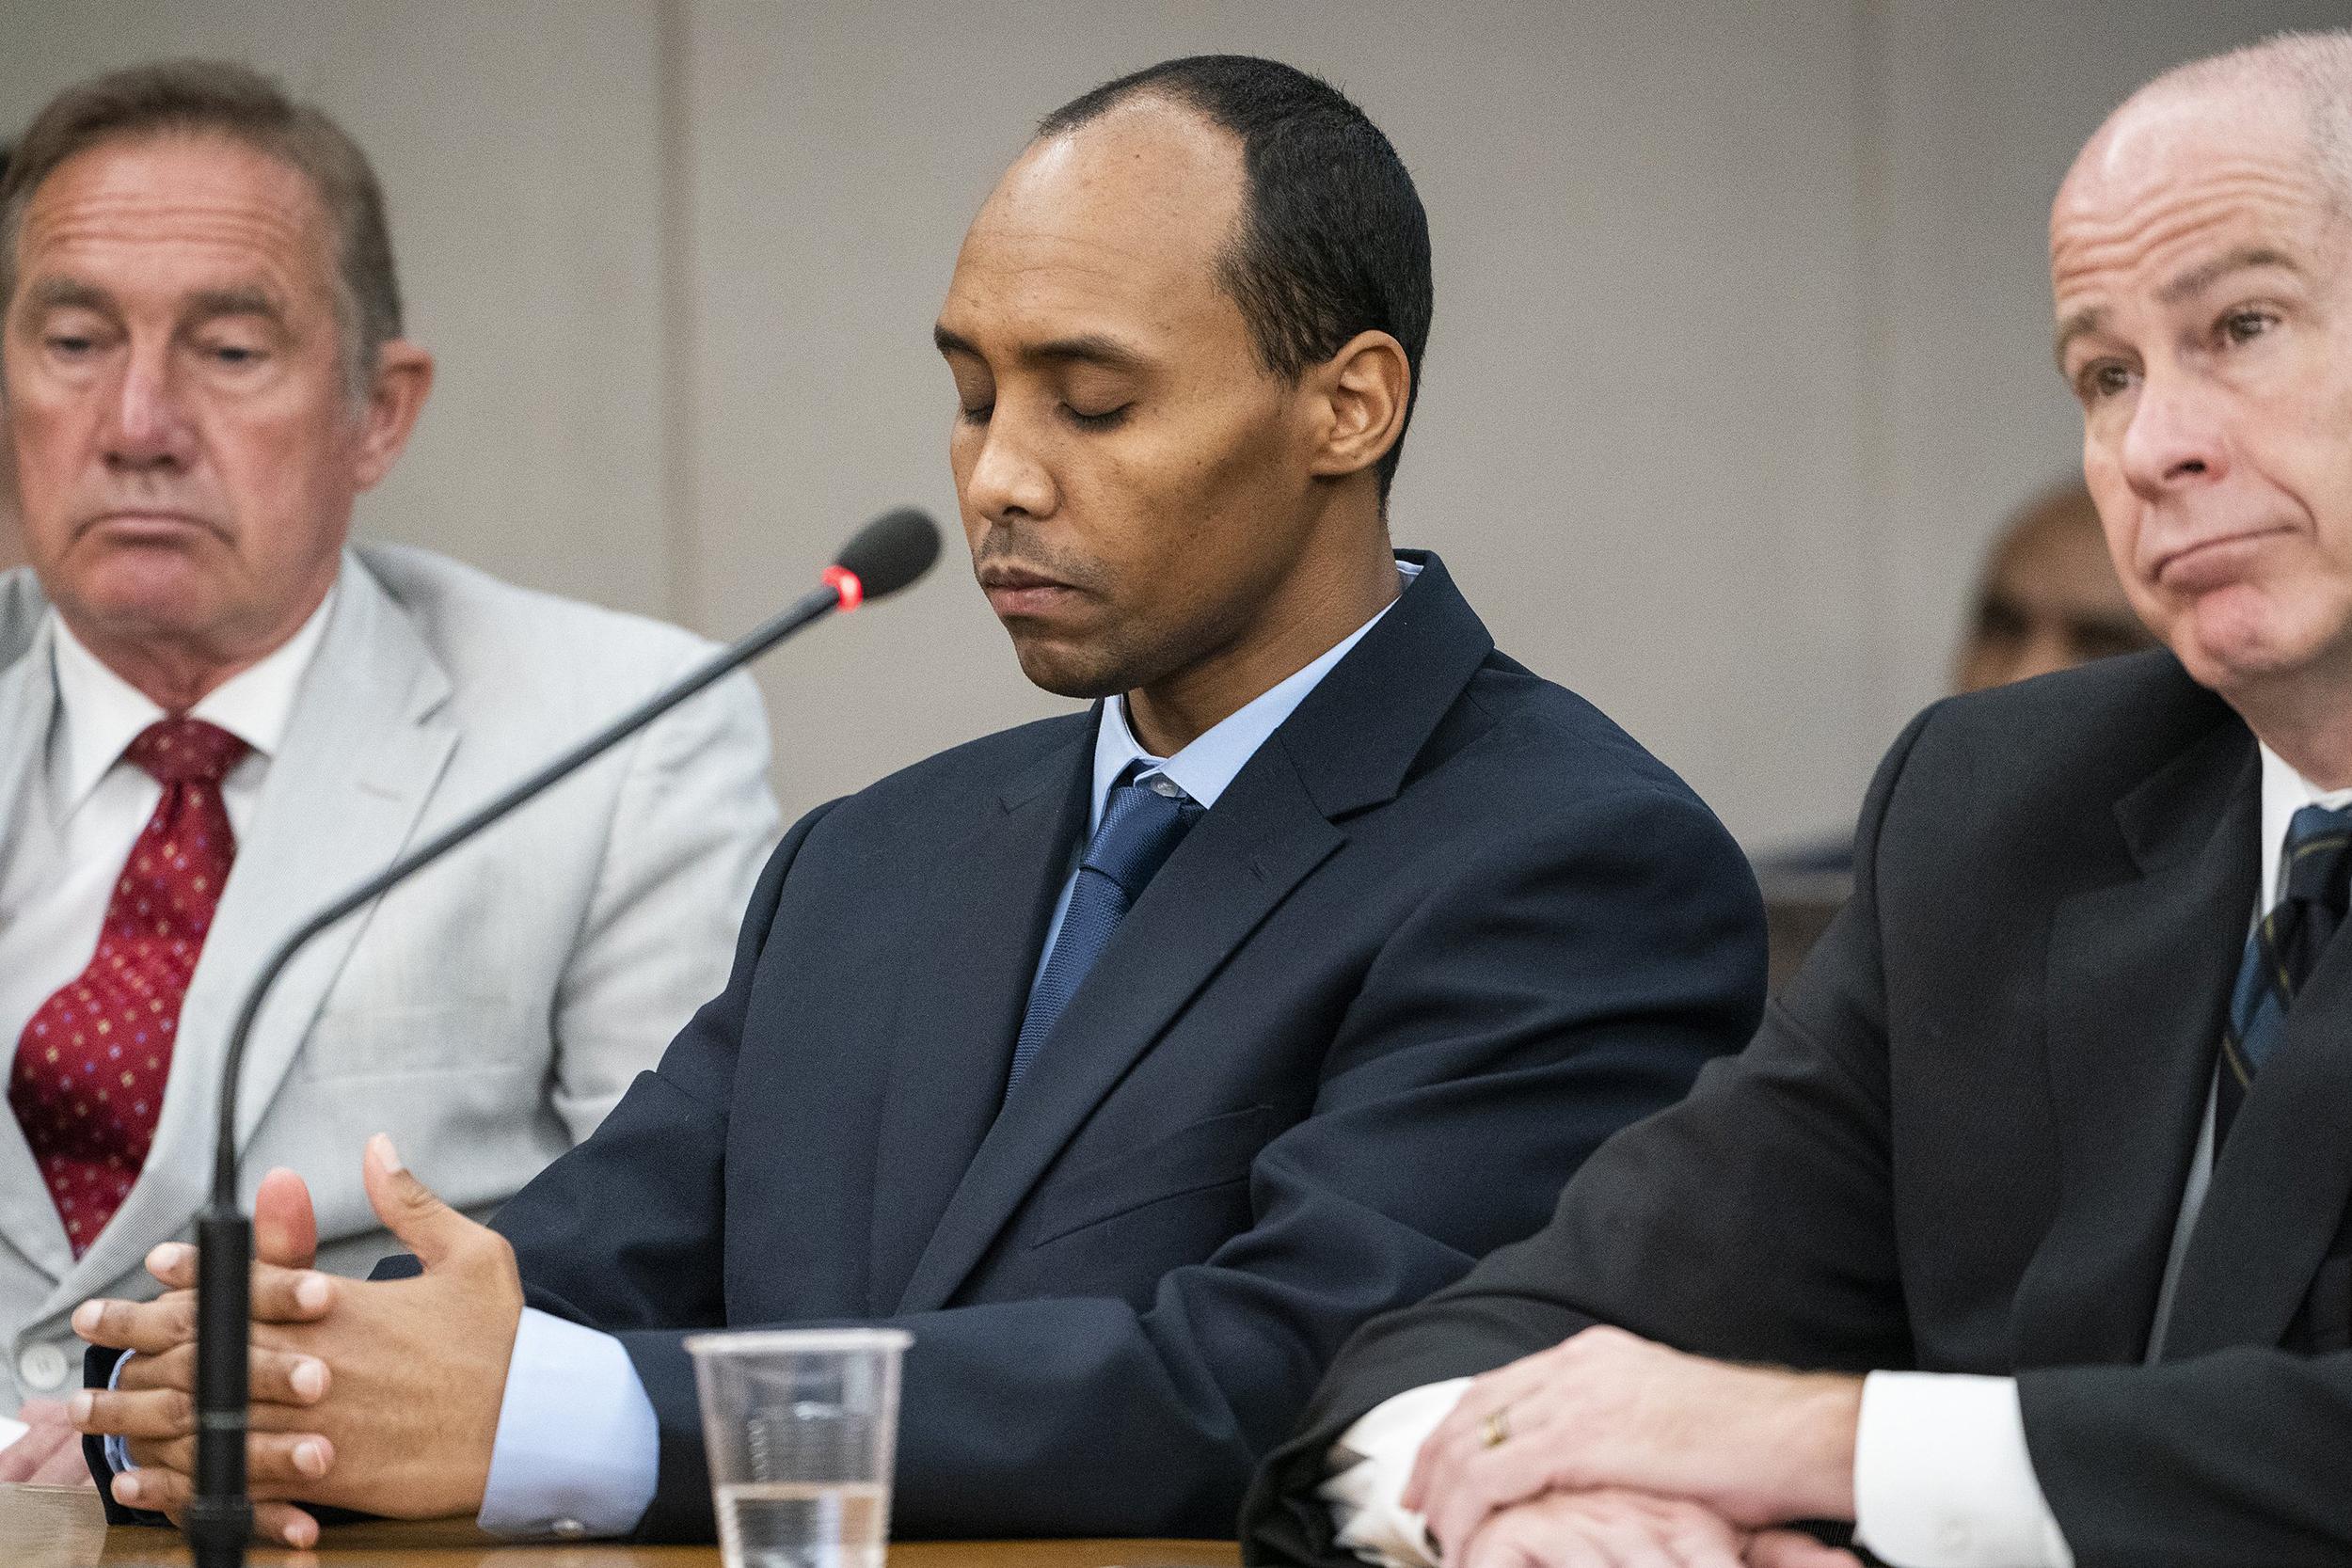 Minnesota high court tosses murder conviction against Mohamed Noor, former police officer